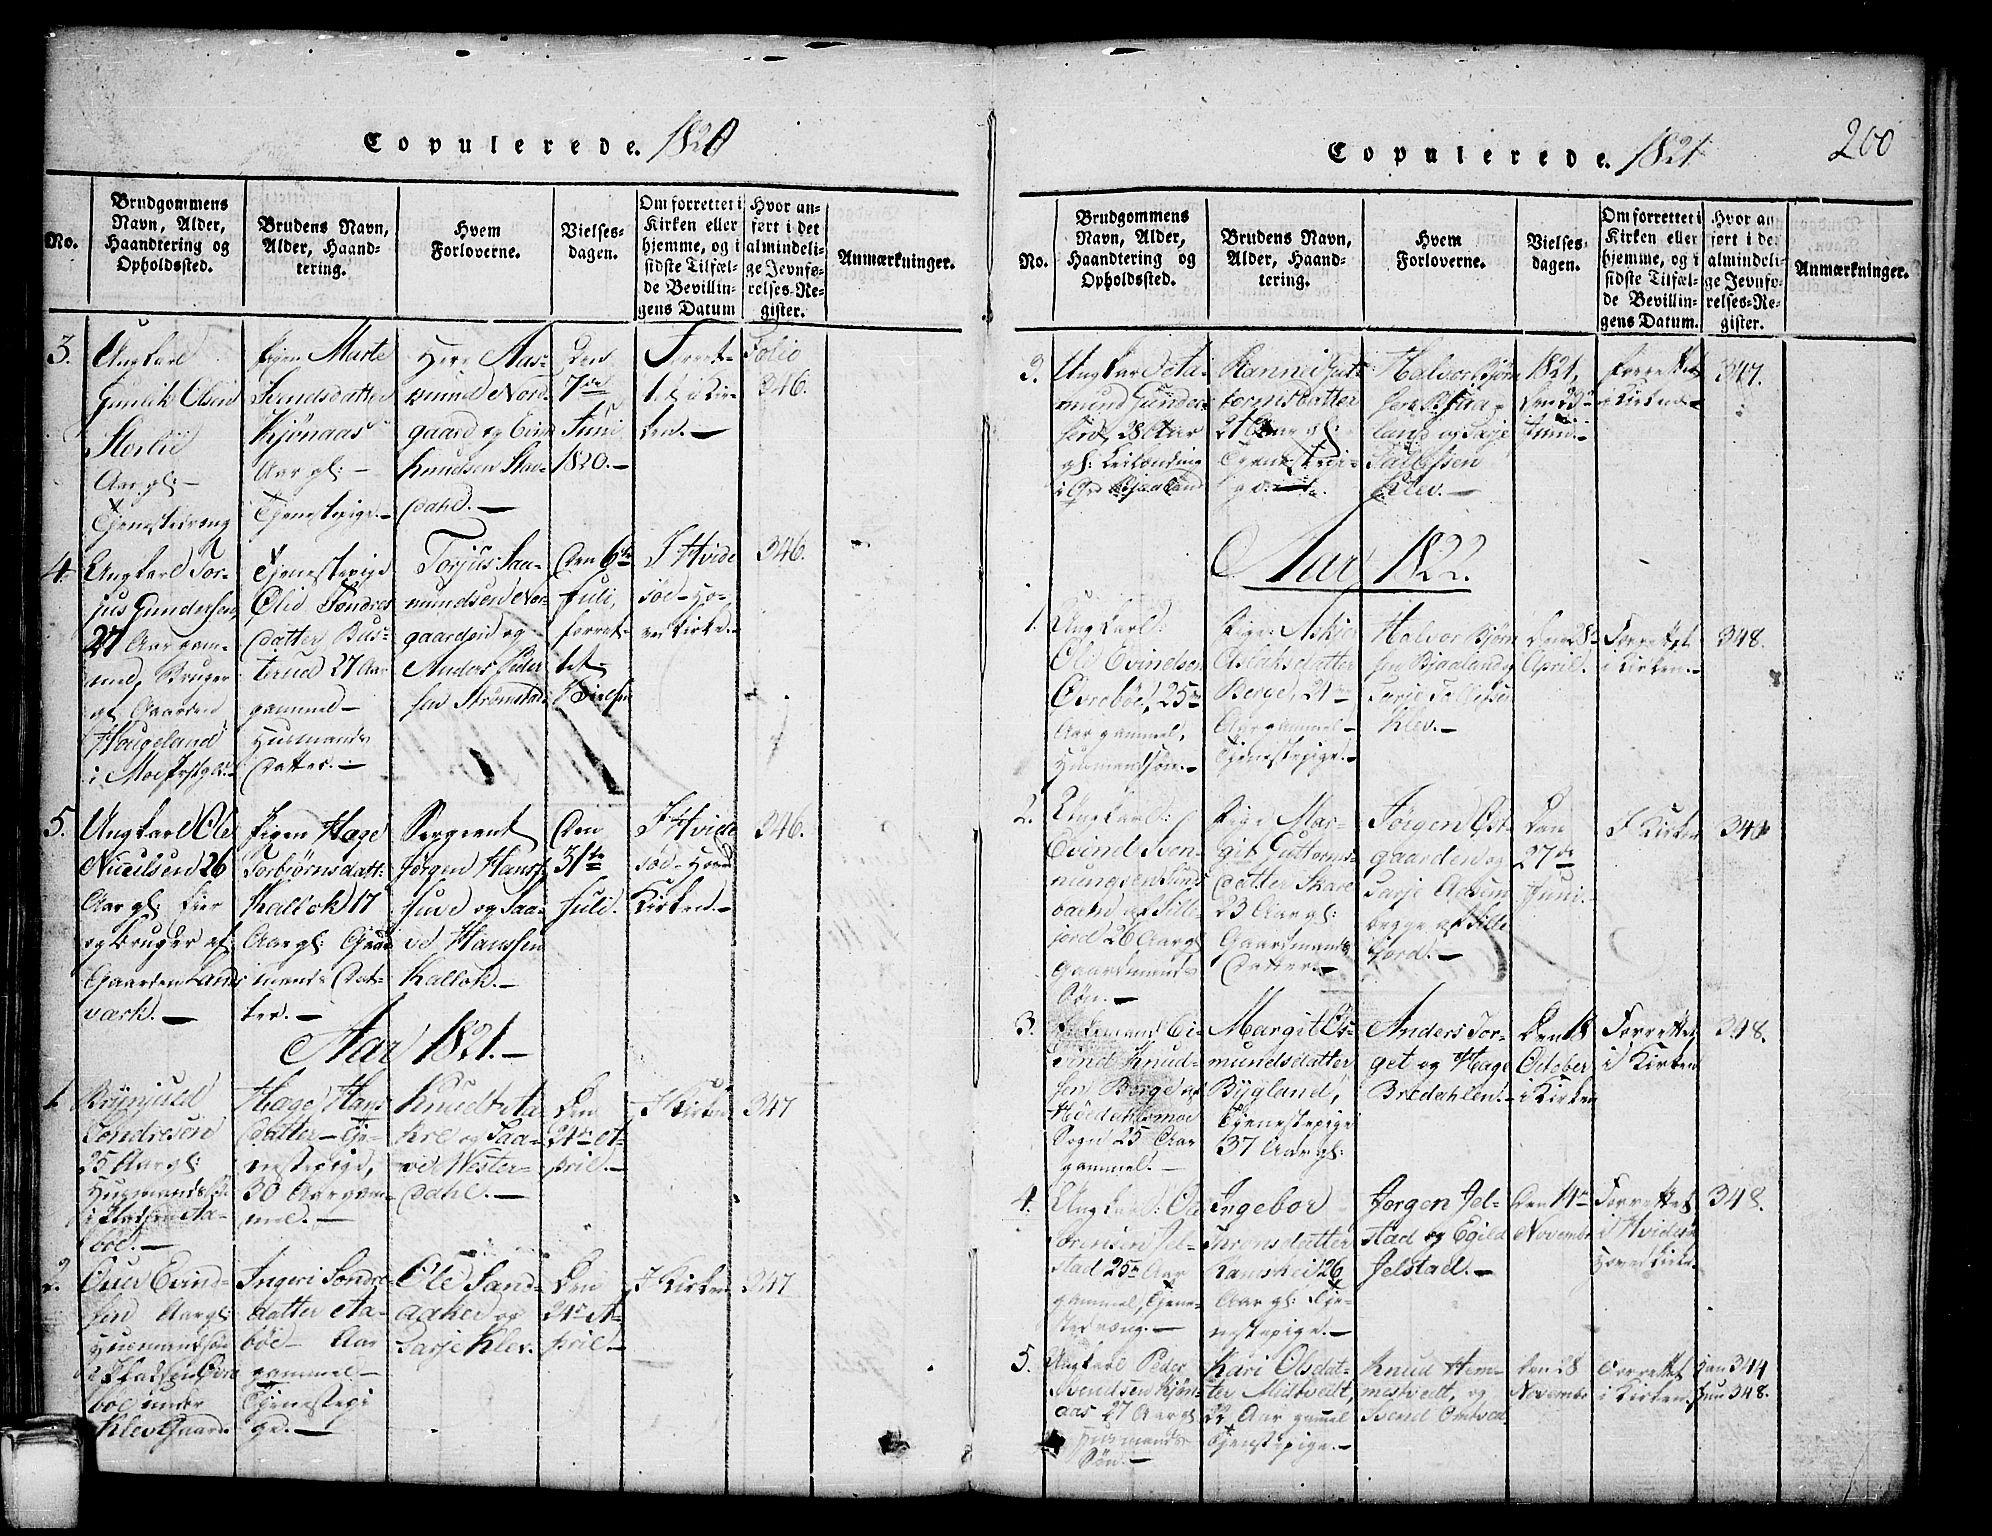 SAKO, Kviteseid kirkebøker, G/Gb/L0001: Klokkerbok nr. II 1, 1815-1842, s. 200